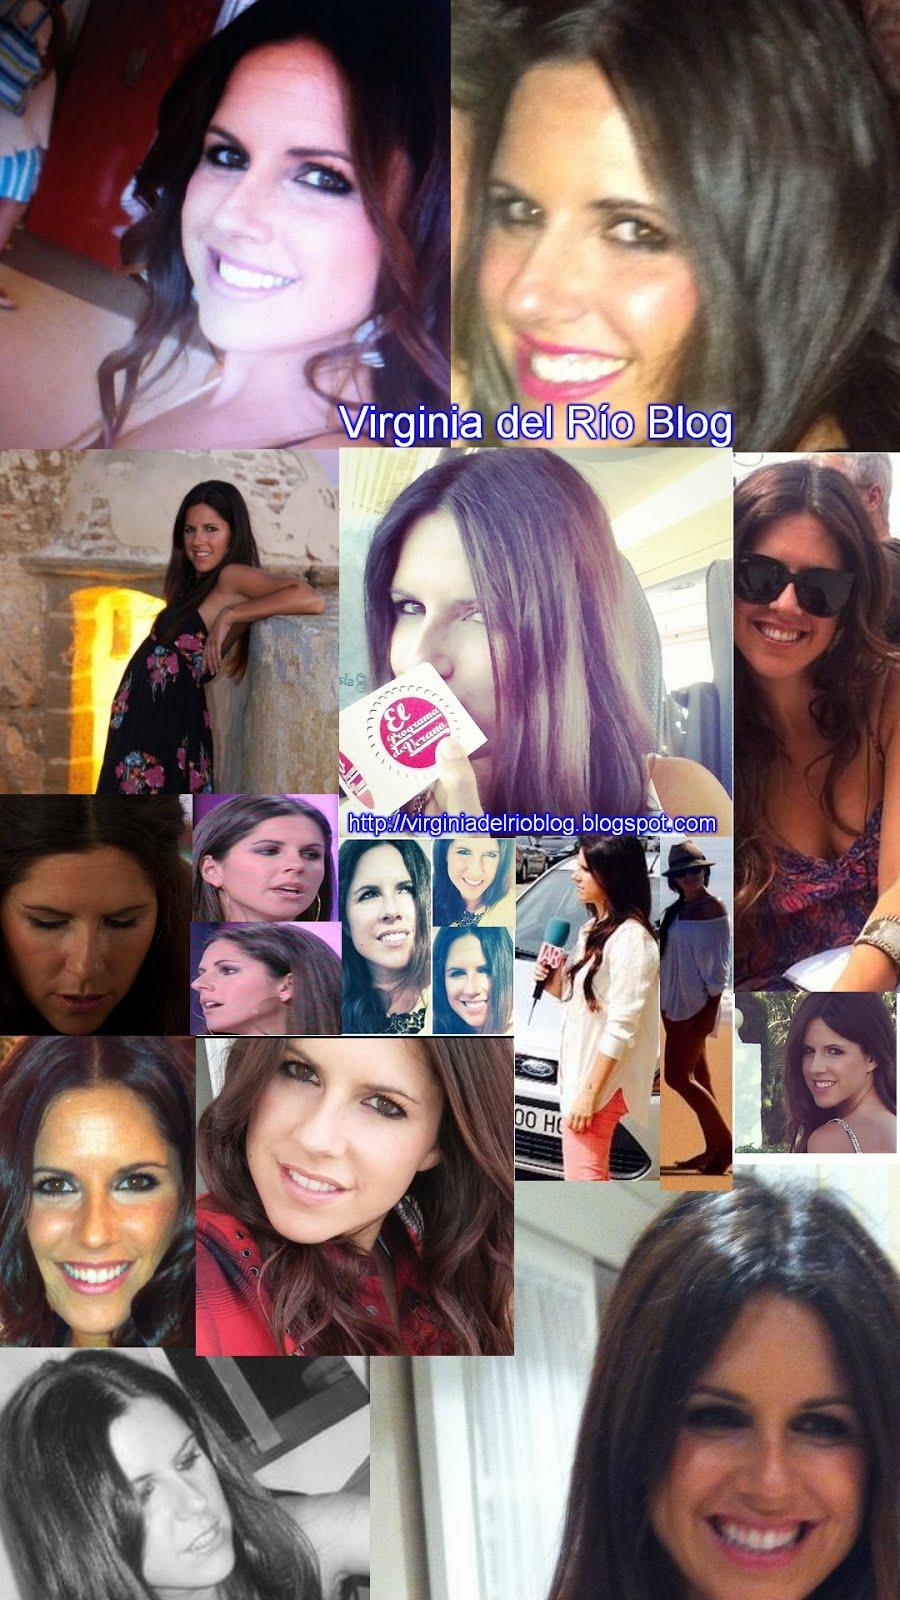 Virginia del Río Blog